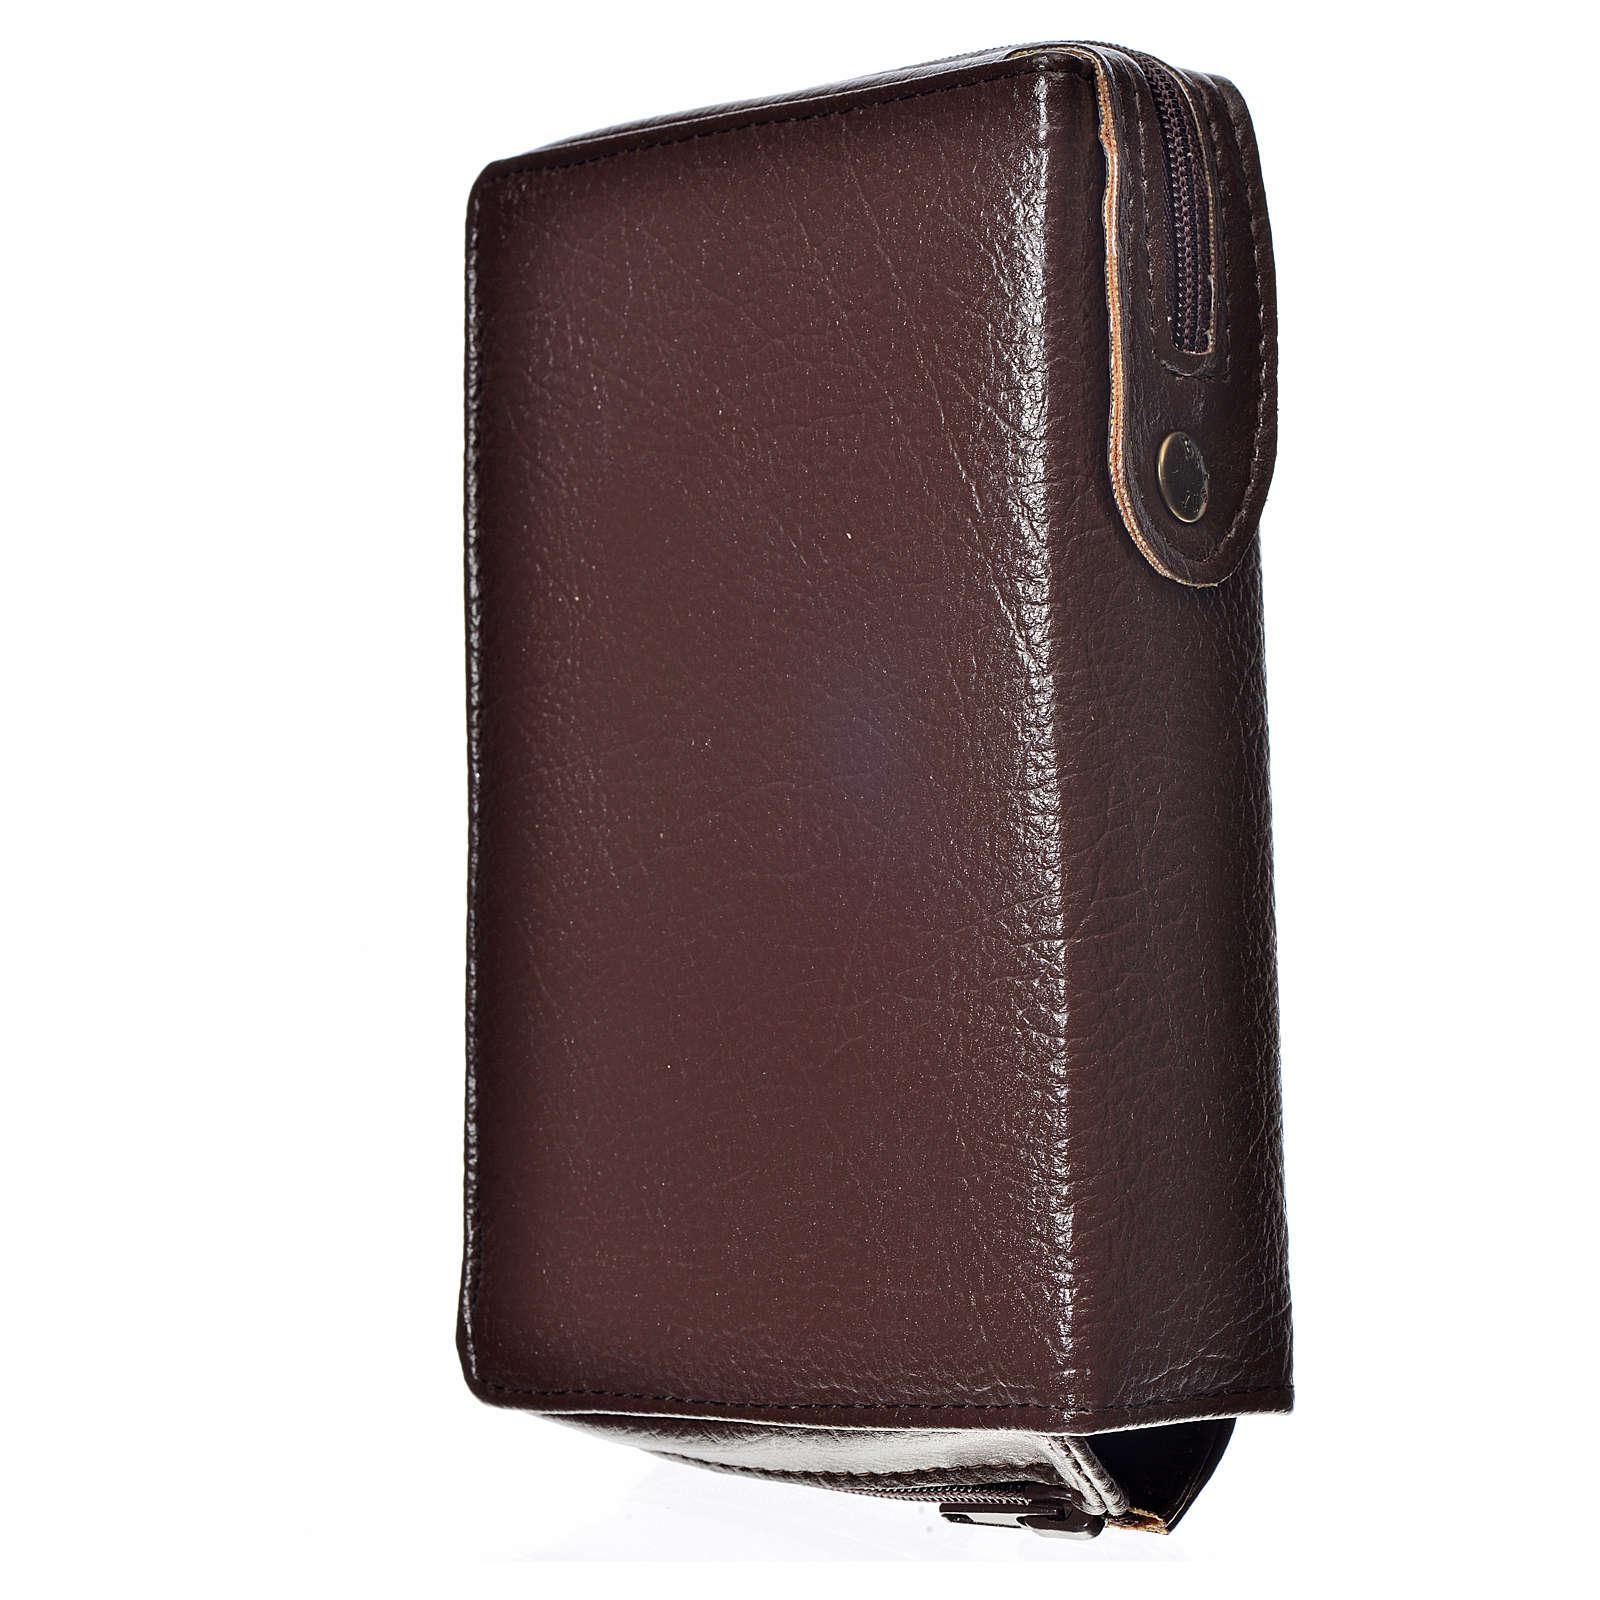 Funda Biblia Jerusalén Nueva Edición marrón simil cuero S. Famil 4